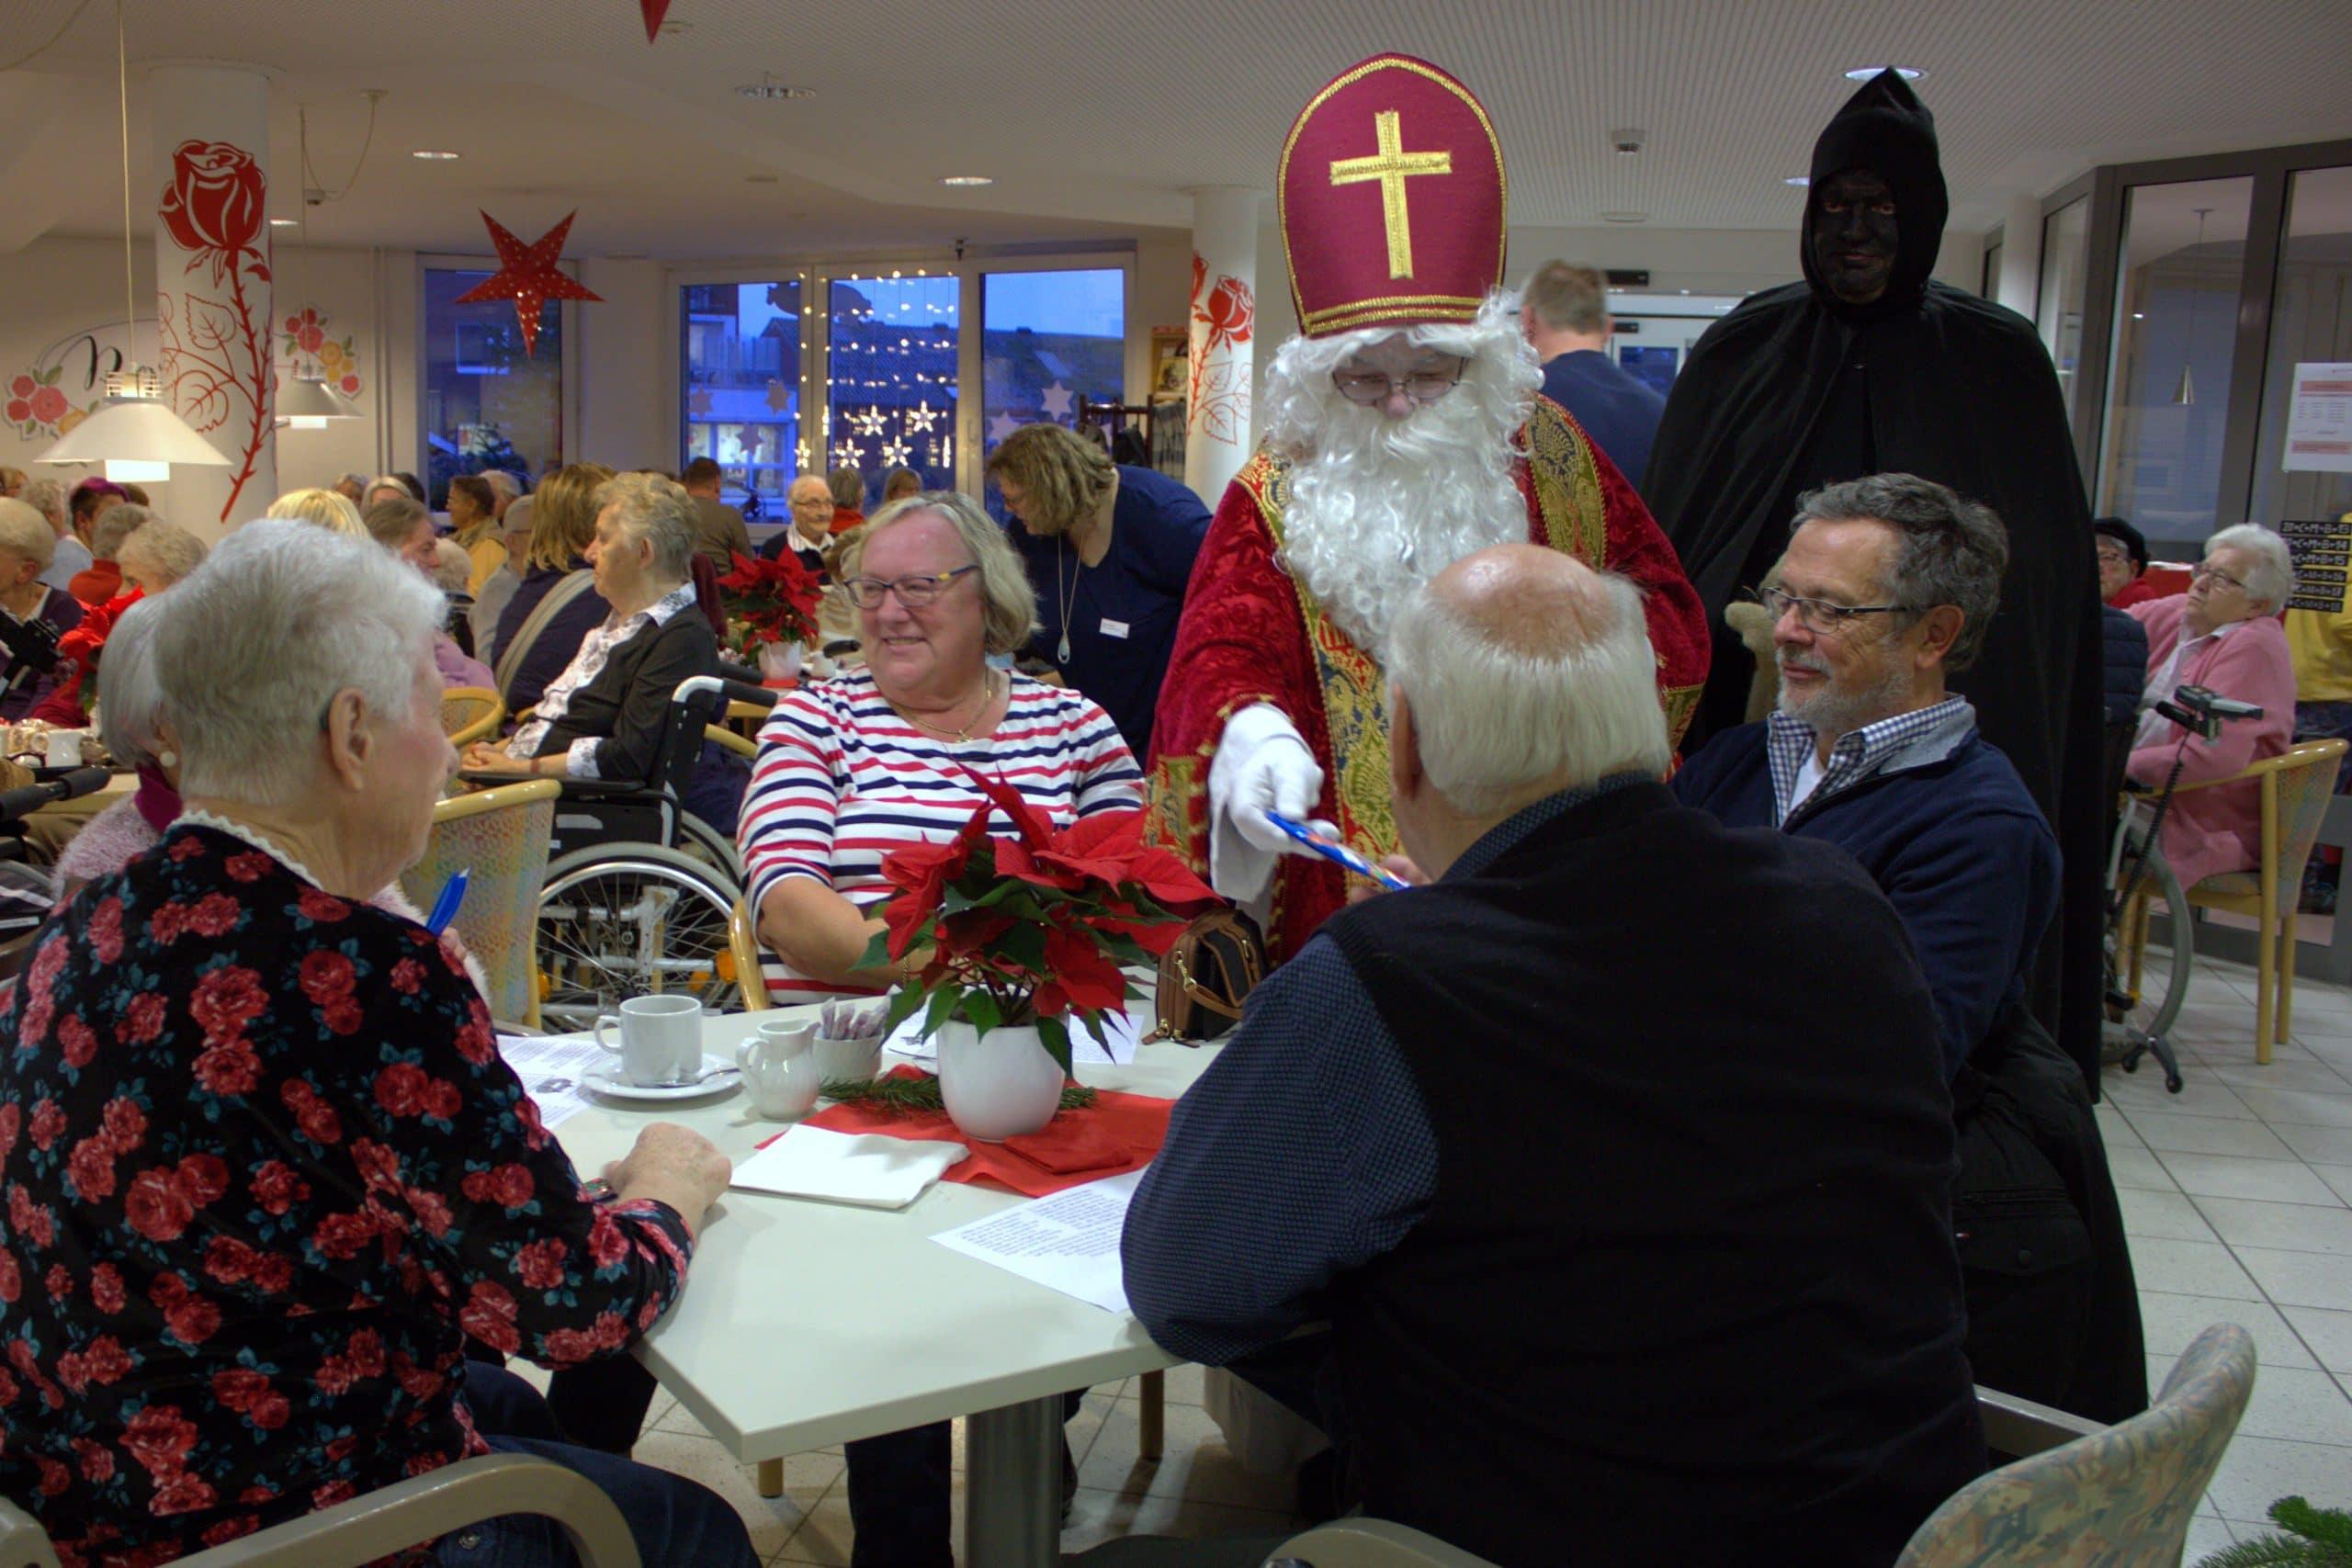 Traditioneller Adventszauber lockt zahlreiche Besucher